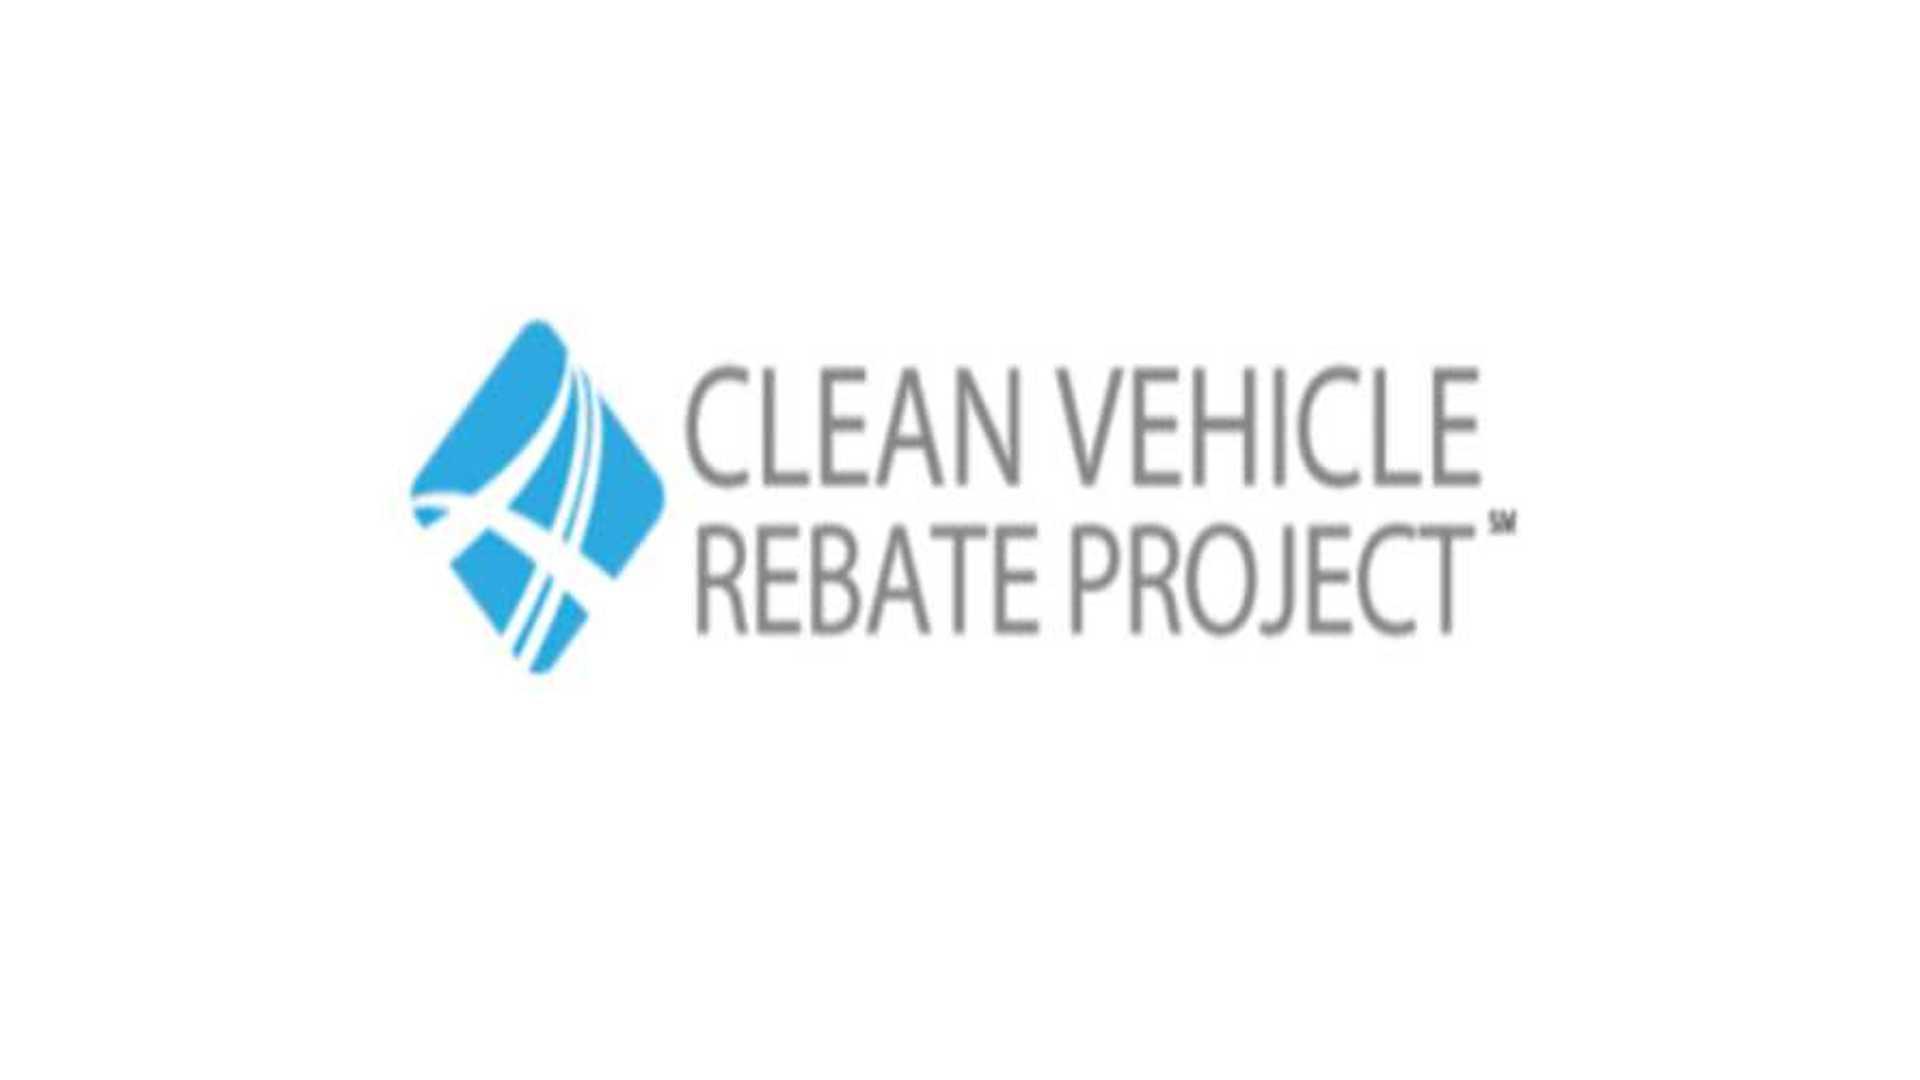 Clean Vehicle Rebate >> California Approves 133 Million In New Clean Vehicle Rebate